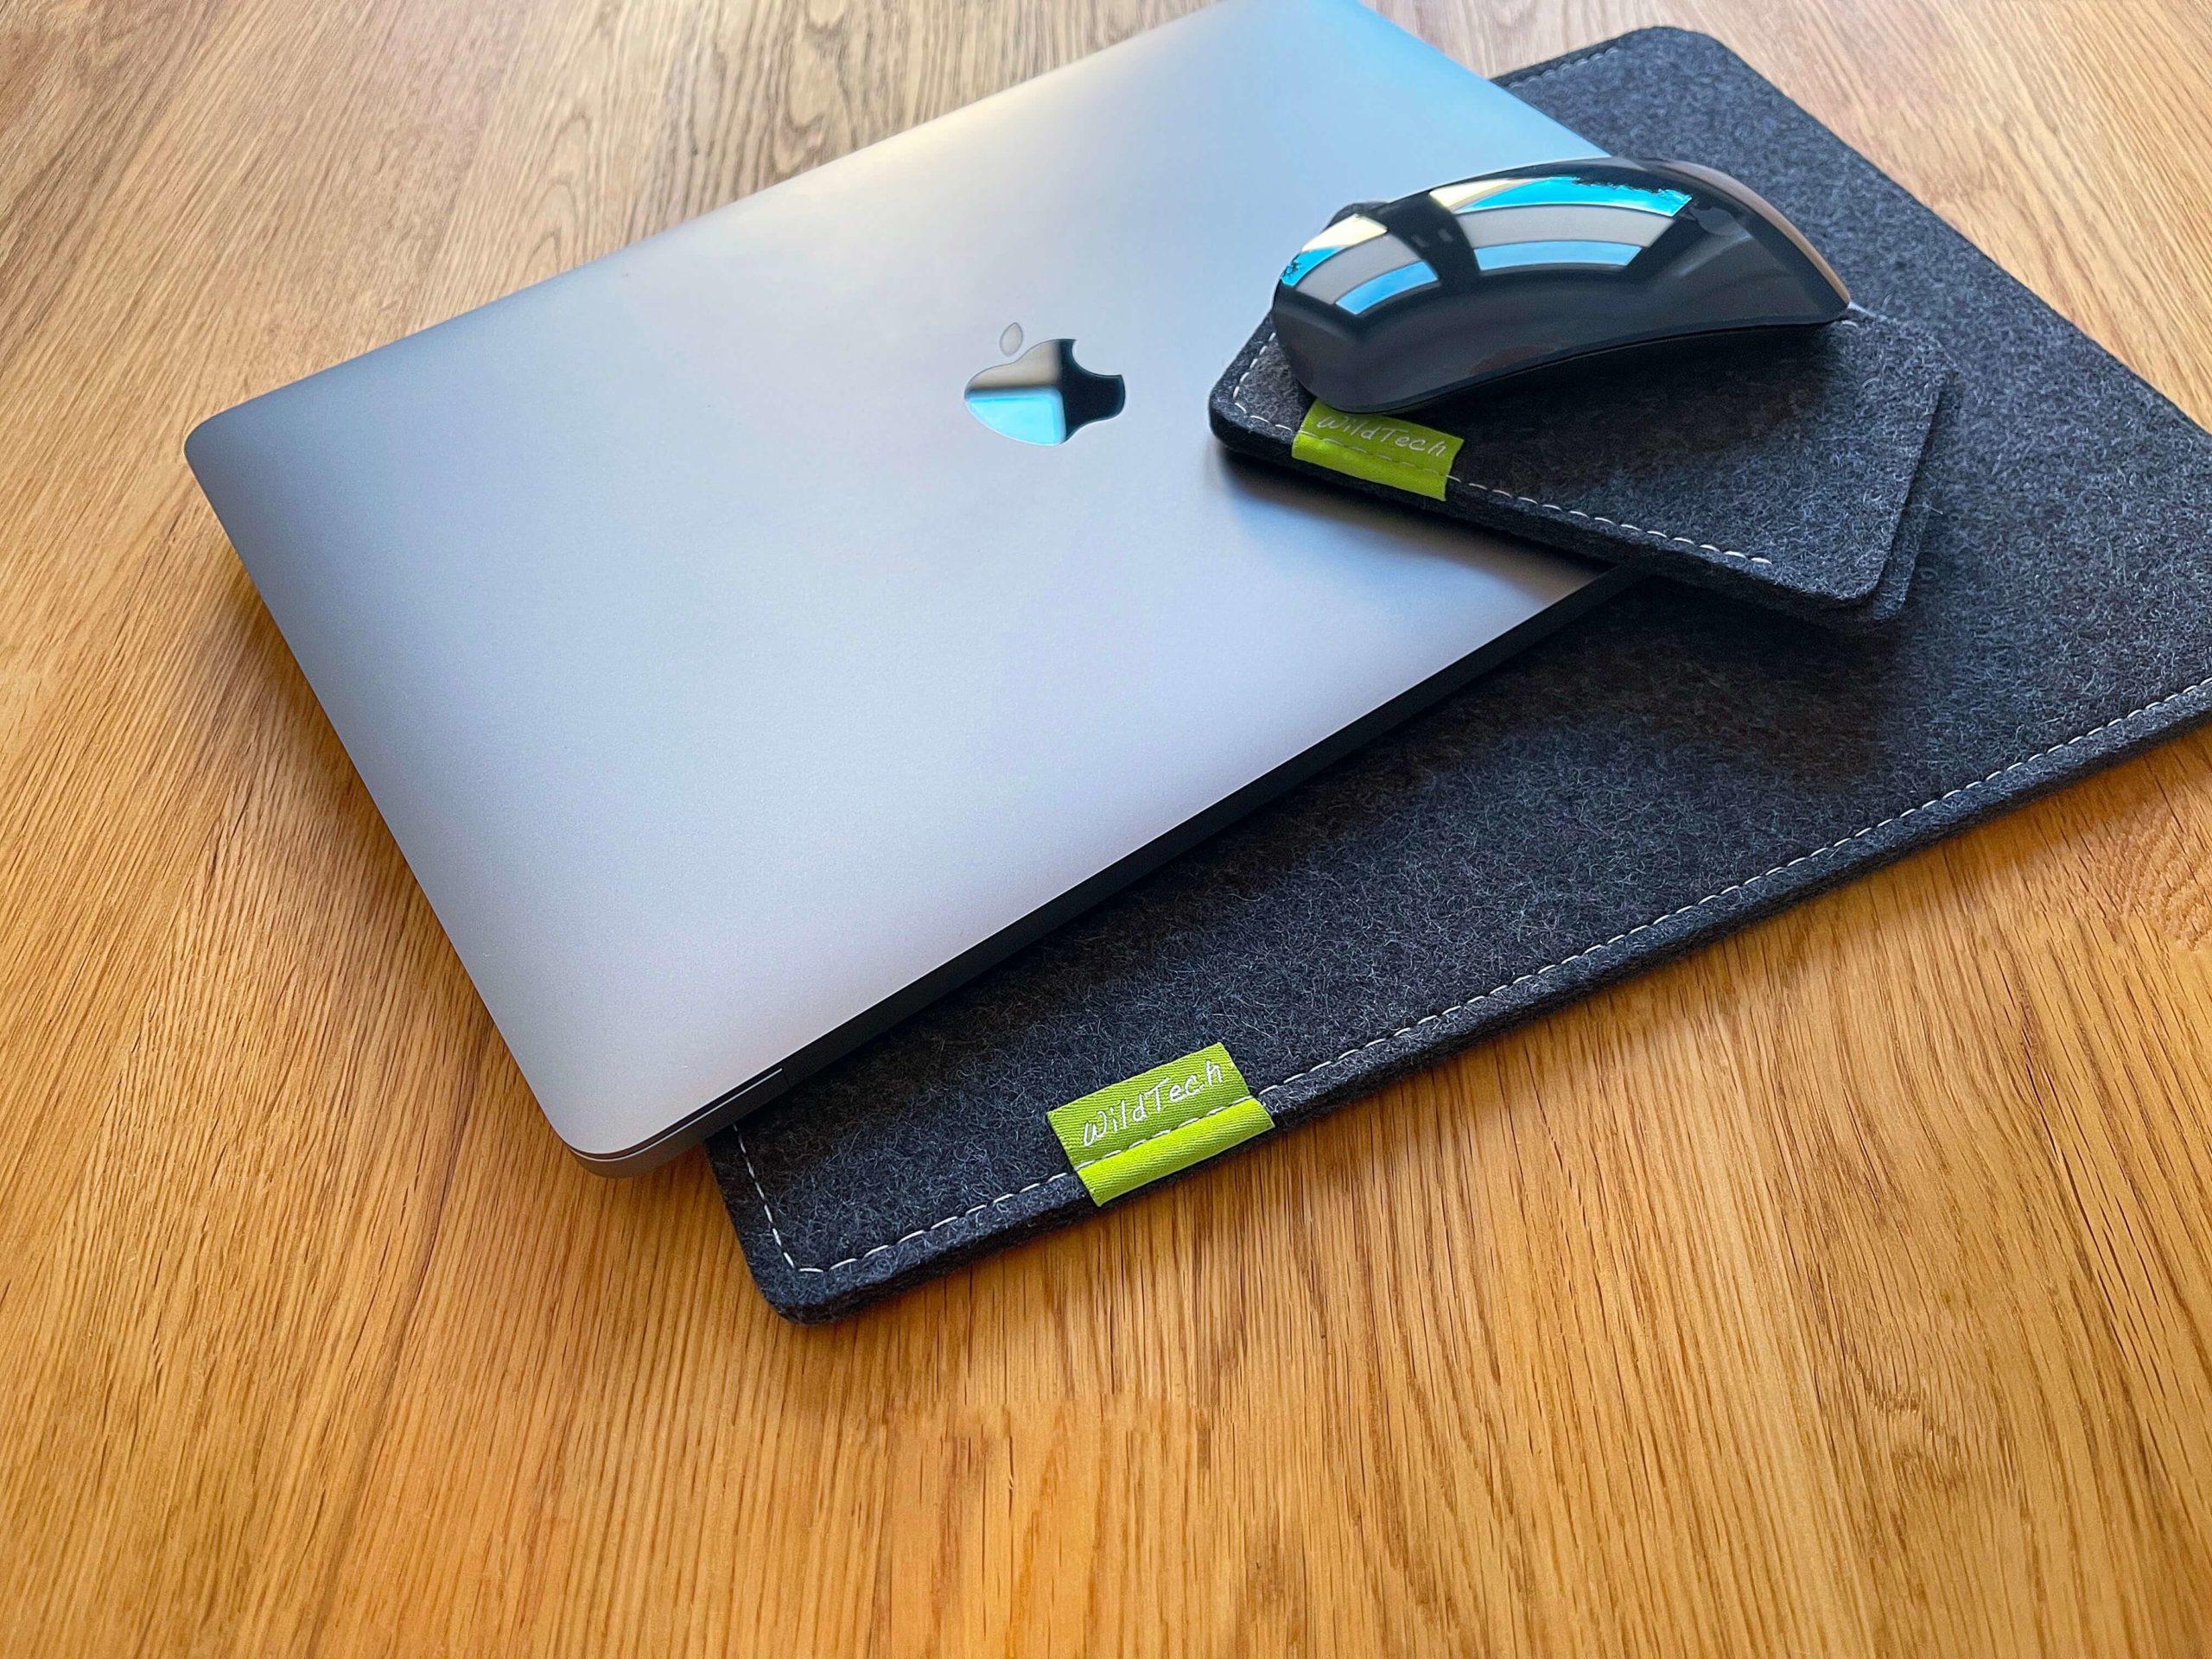 Schutz-aus-Wollfilz-von-WildTech-–-das-MacBook-Air-stilvoll-geschuetzt1-scaled Schutz aus Wollfilz von WildTech – das M1 MacBook Air stilvoll geschützt